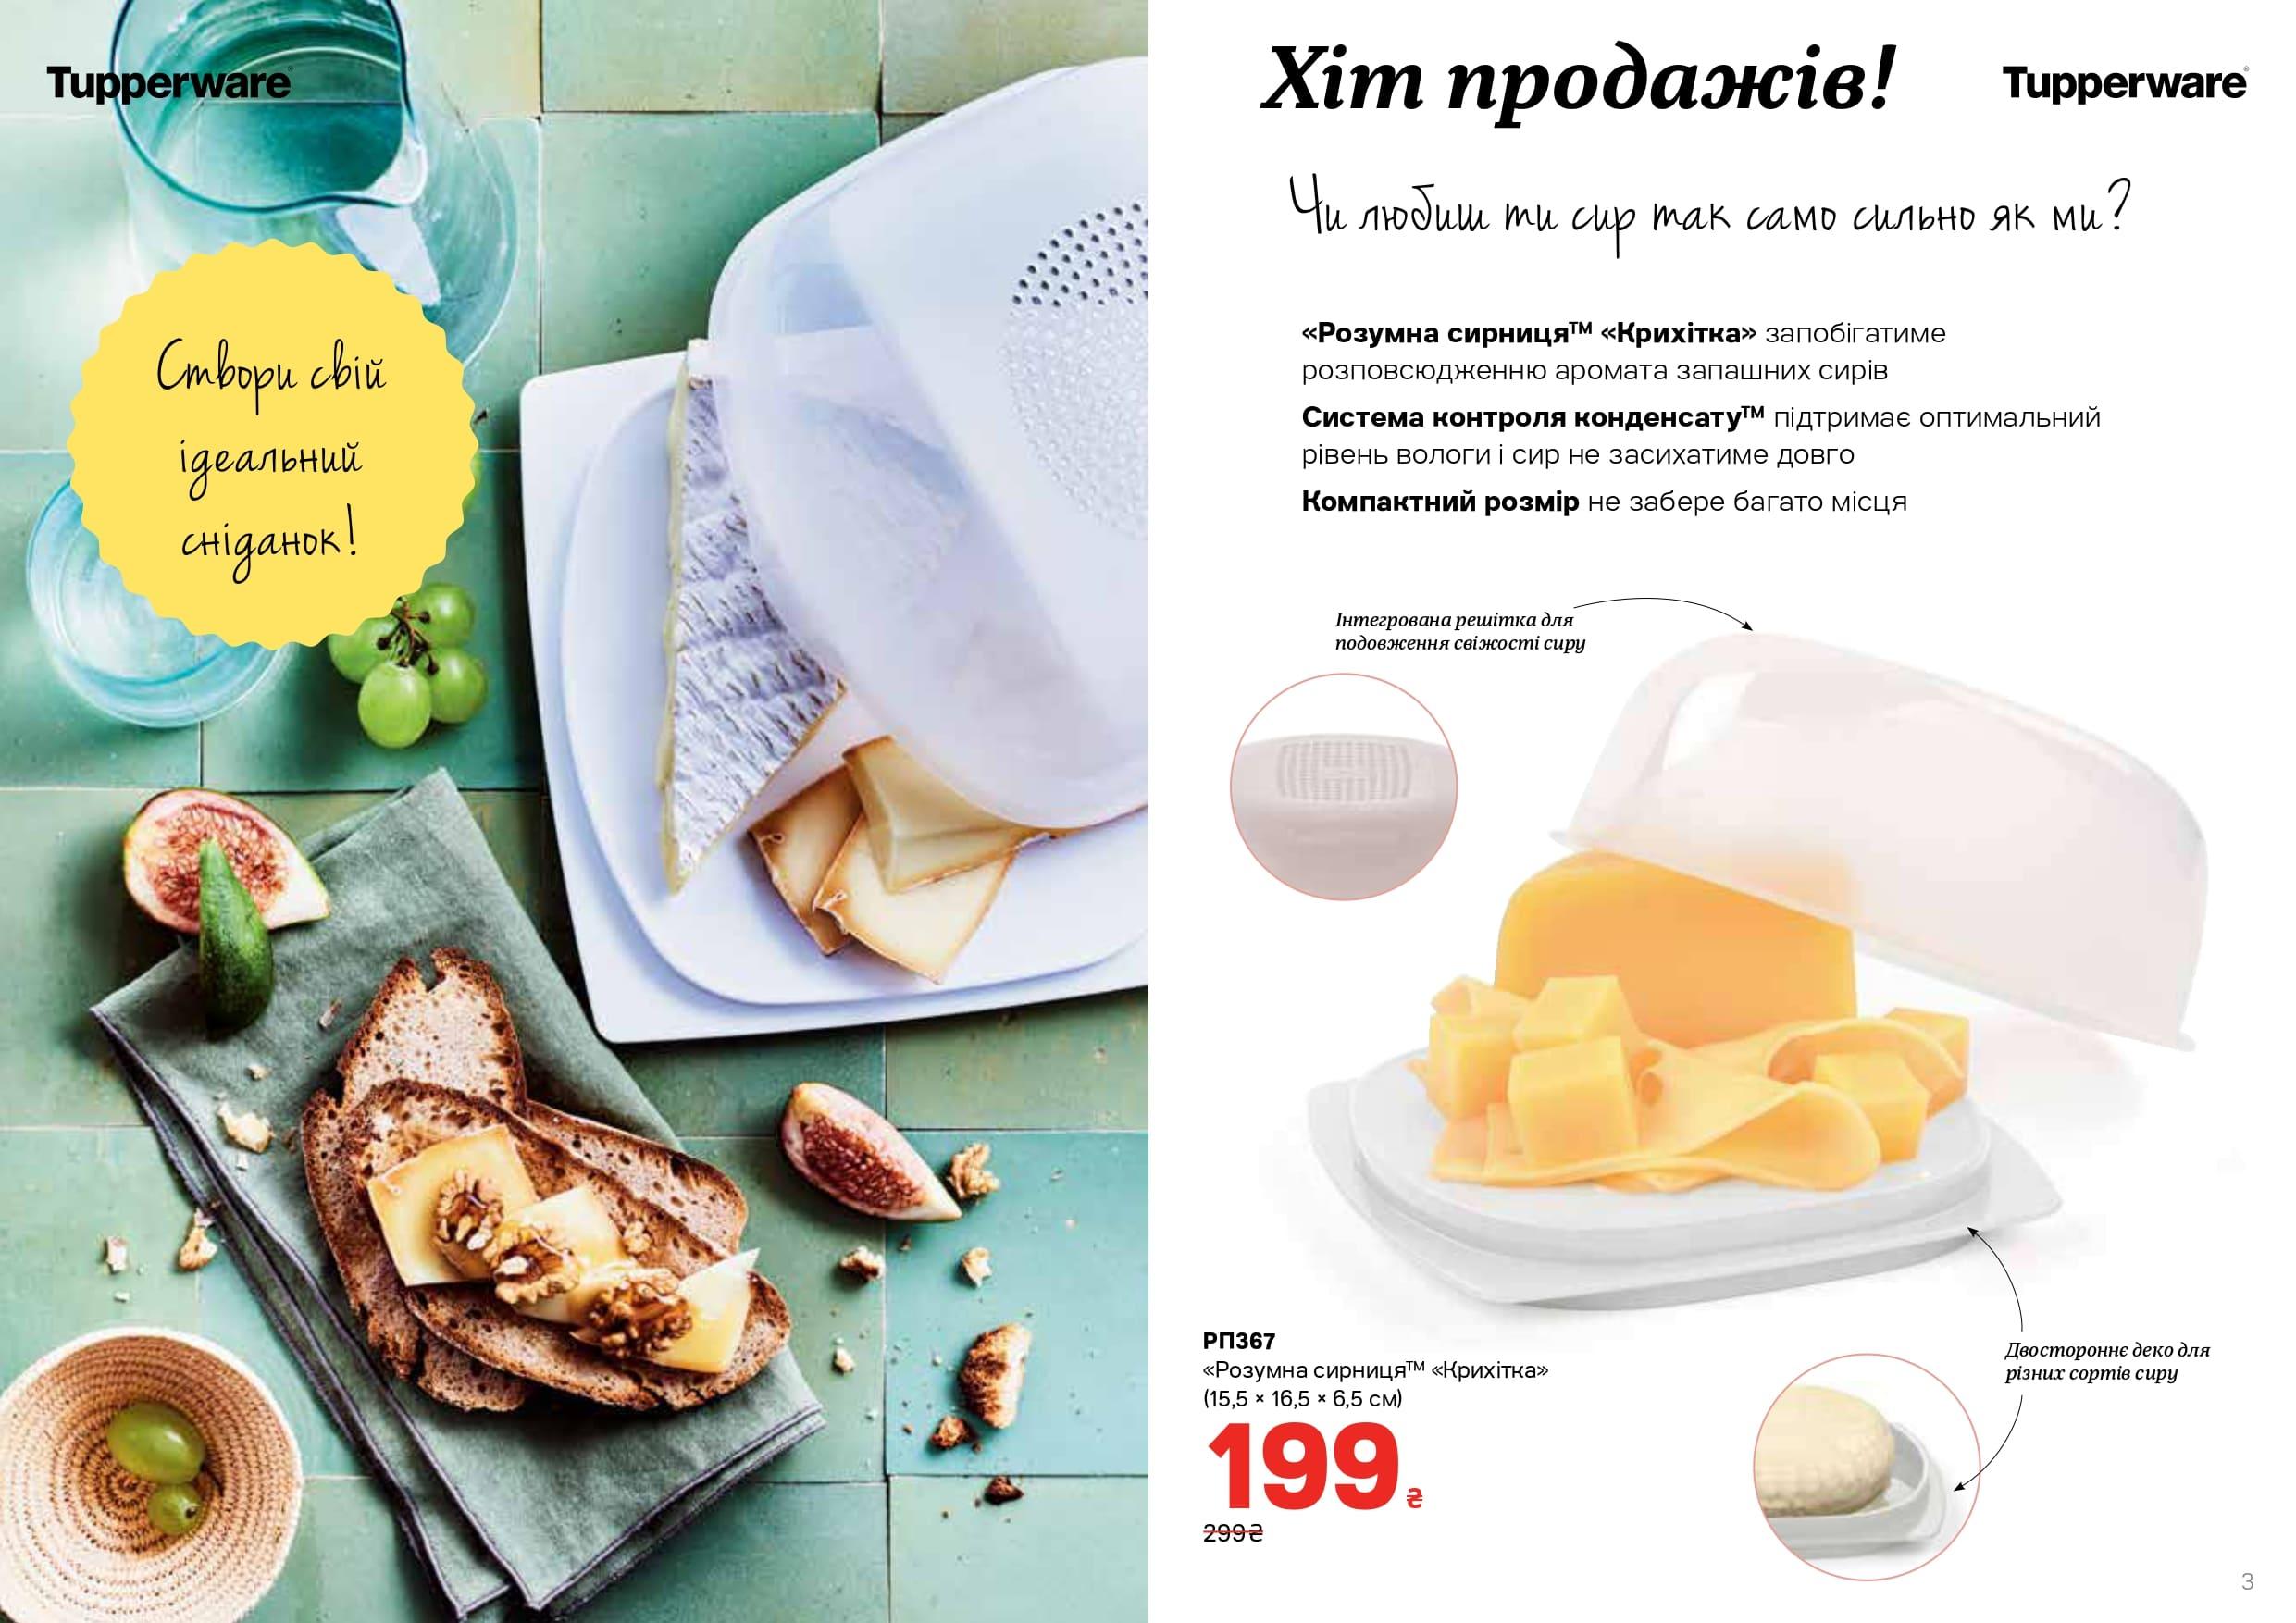 Умная сырница кроха, цена снижена на 50 грн.